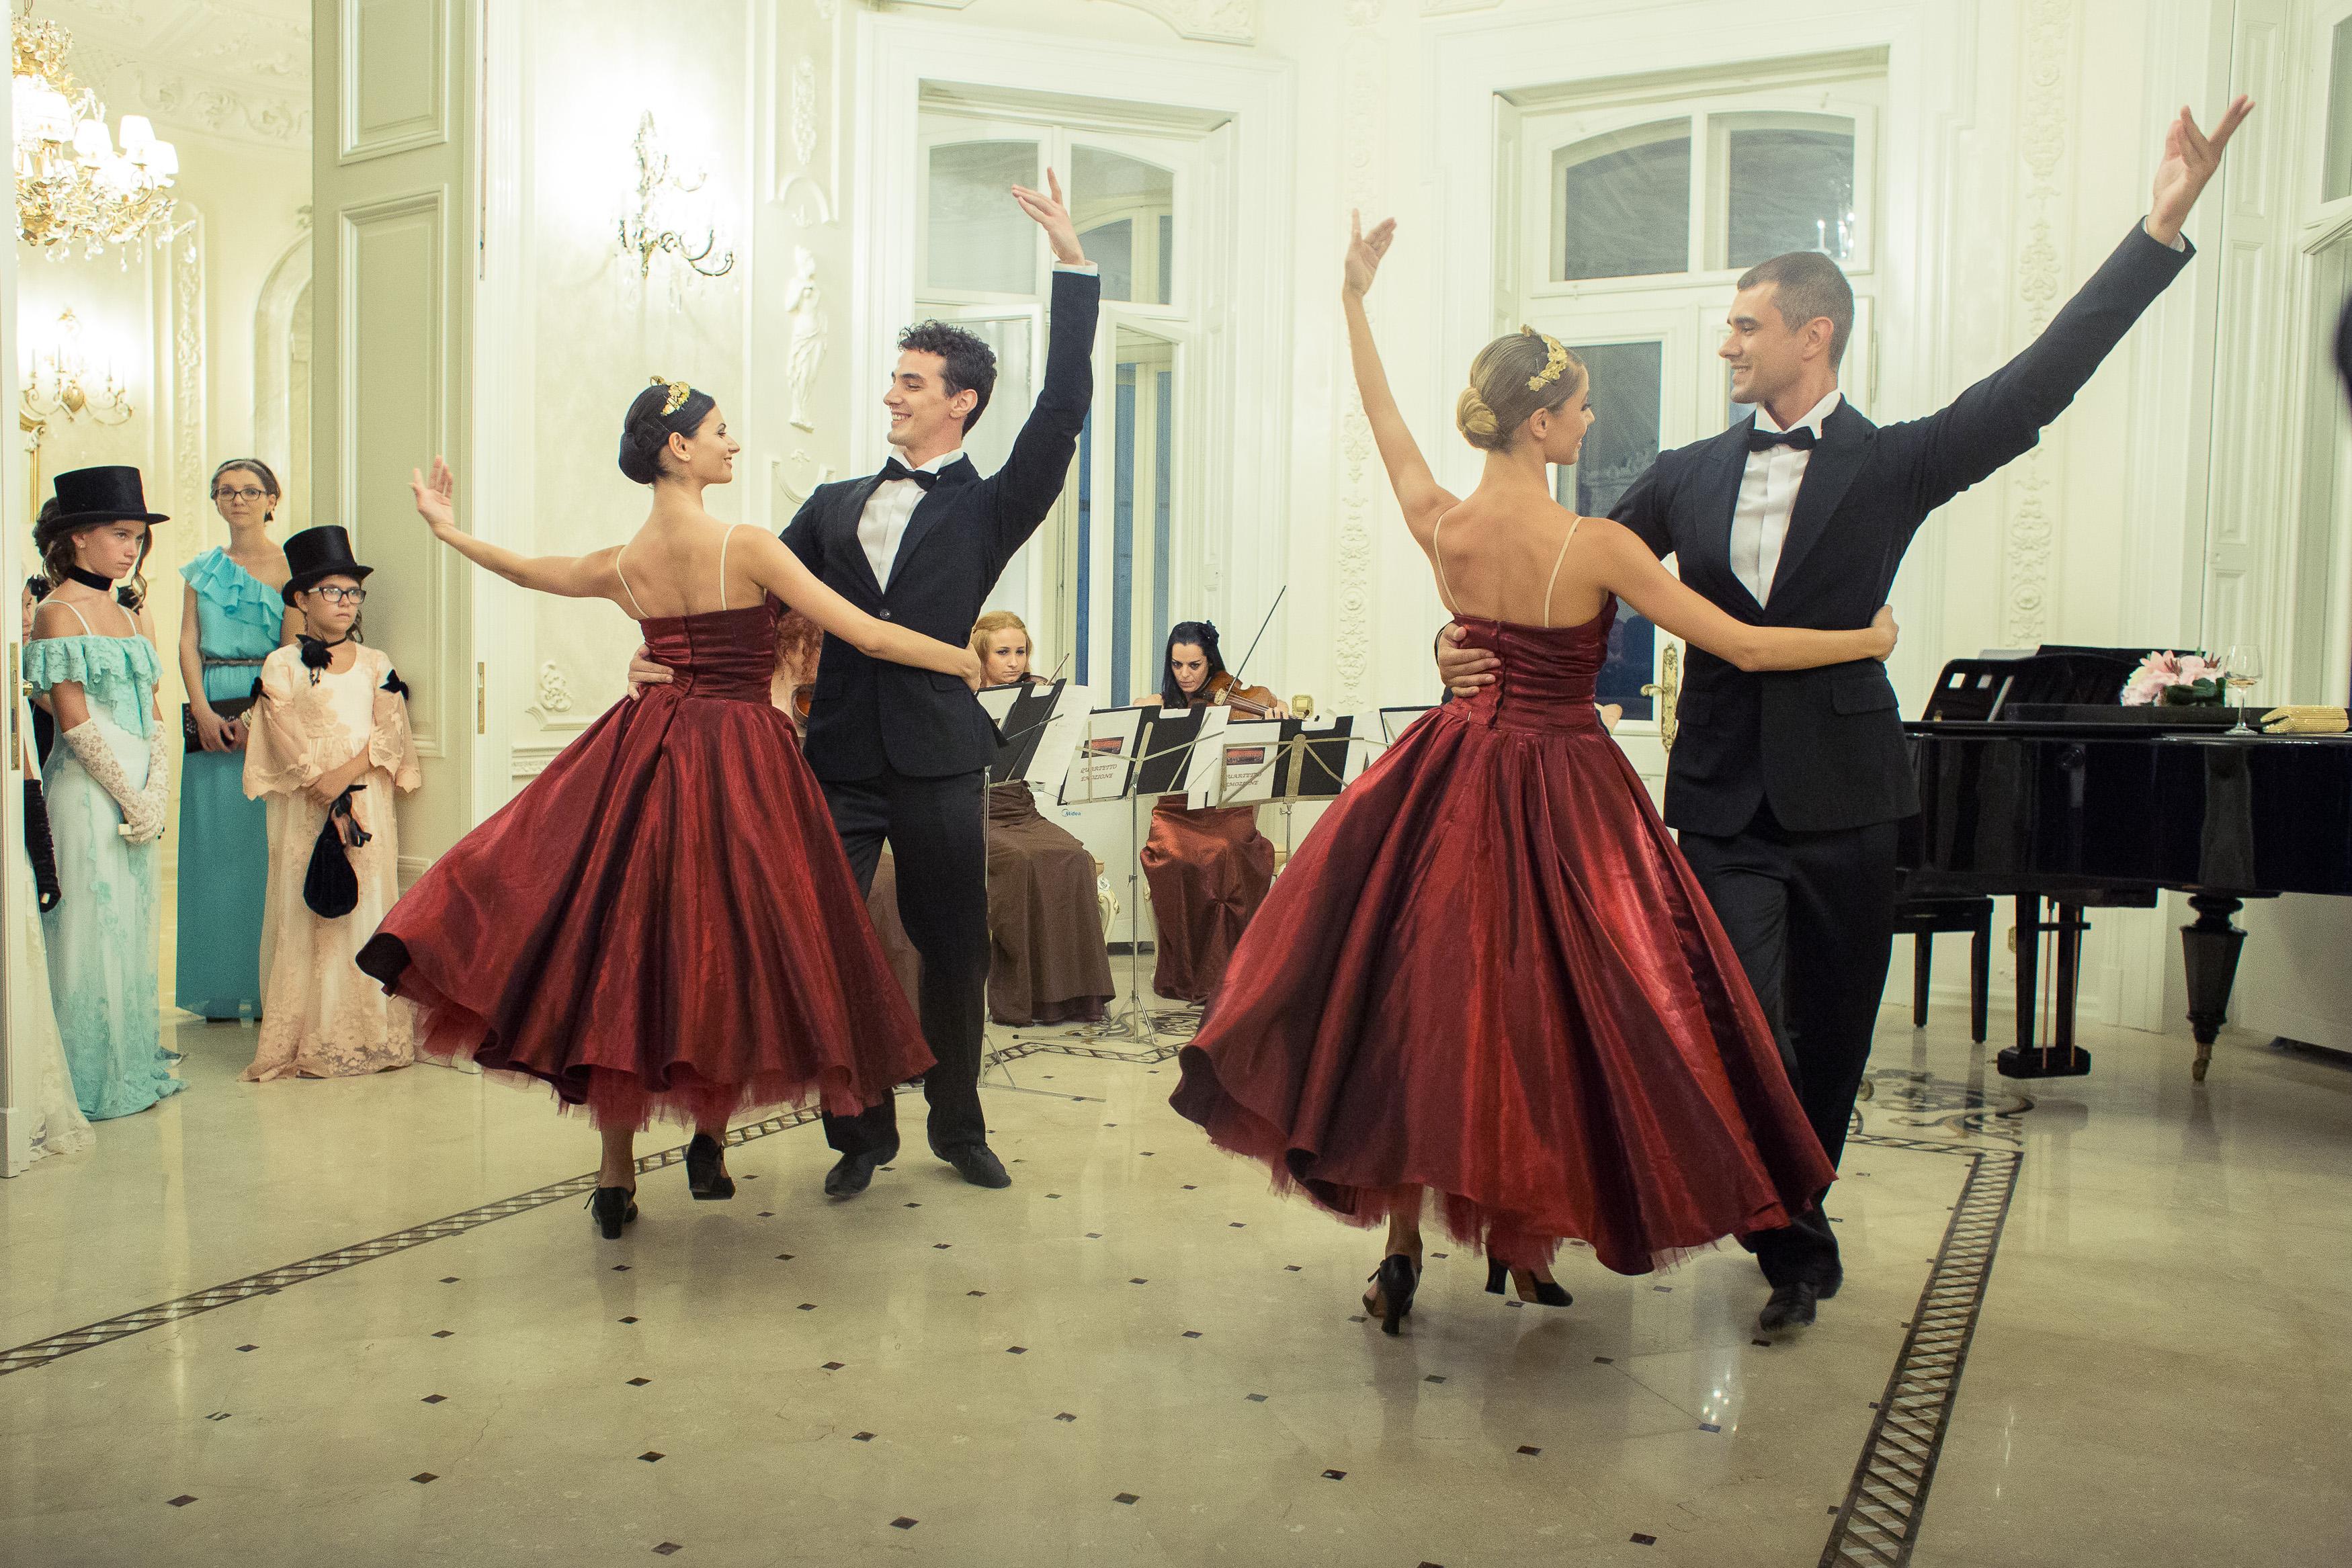 Inaugurarea seratelor culturale la Palatul Noblesse – adevarate evenimente de societate